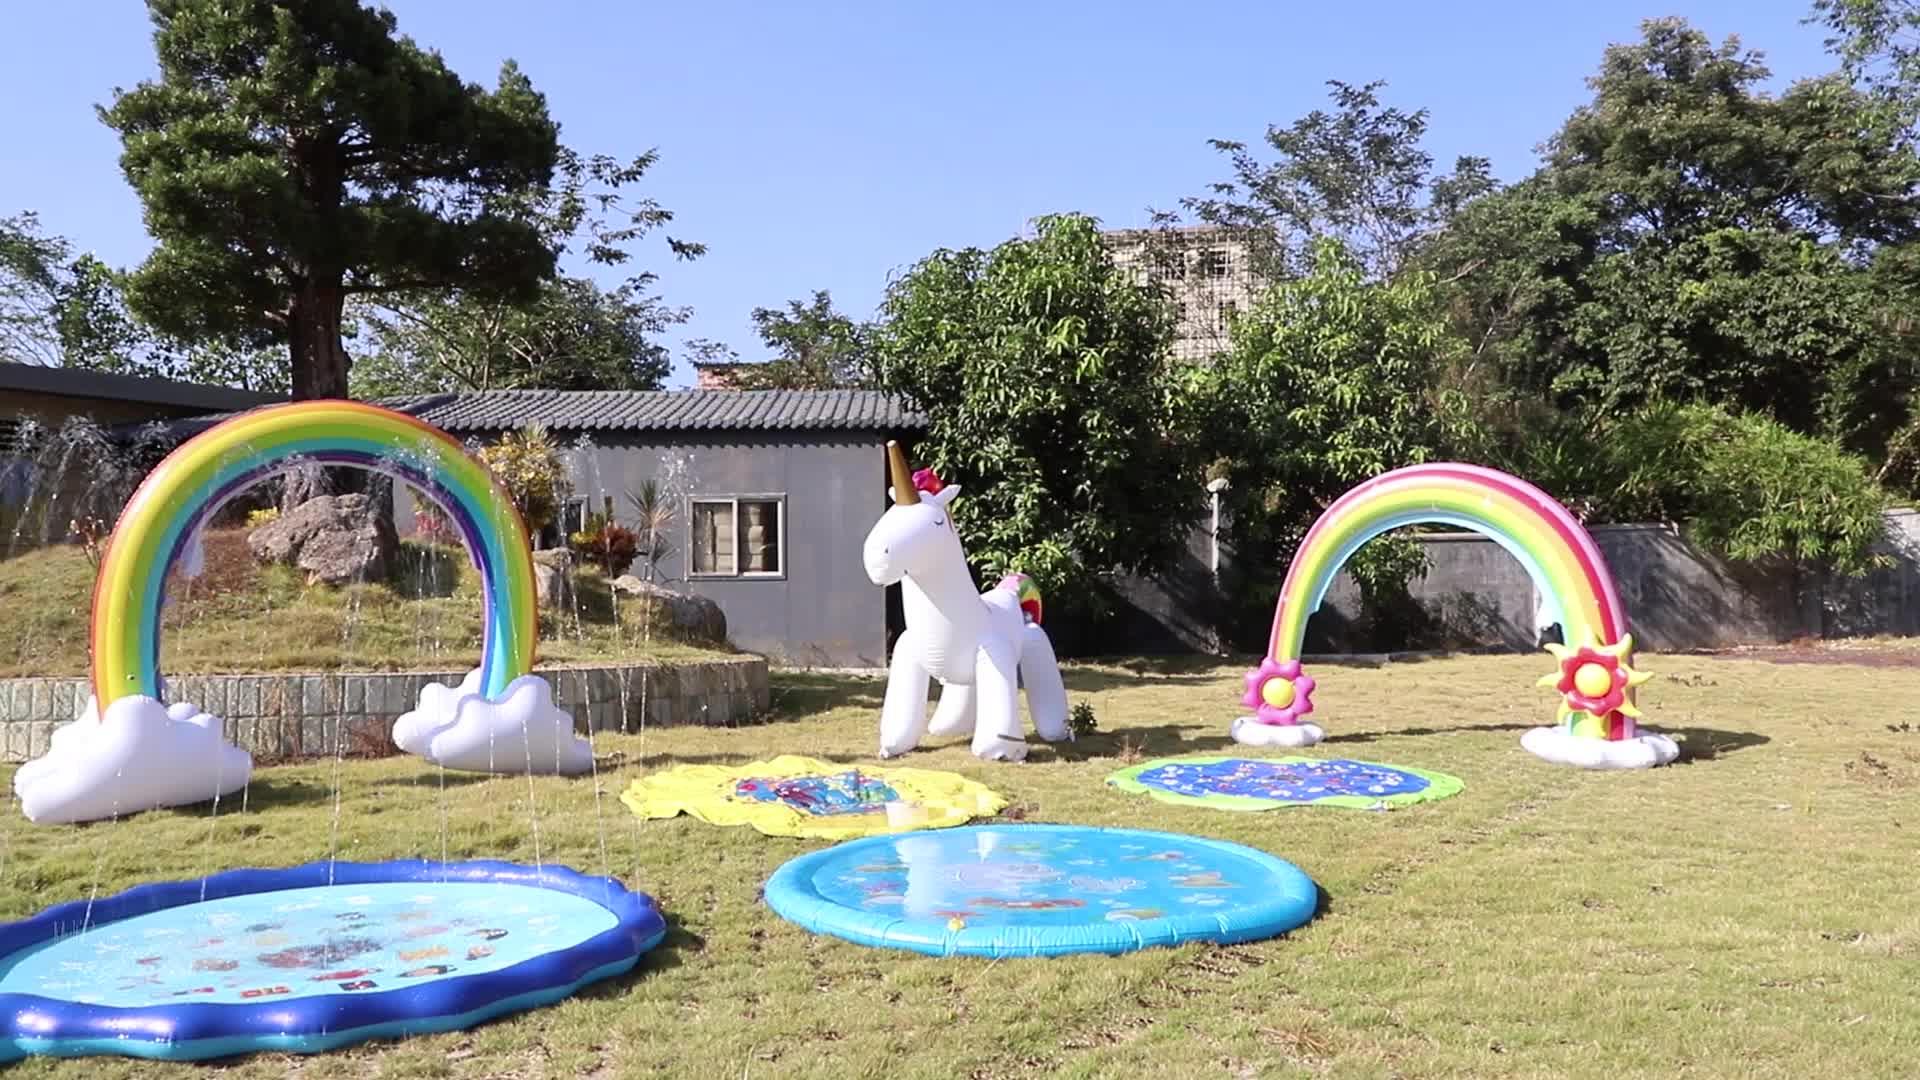 नियंत्रण रेखा छिड़काव Inflatable इंद्रधनुष आर्क खिलौना आउटडोर पानी खेलने बुझानेवाले से अधिक 6 फीट लंबी गर्मियों में मज़ा पिछवाड़े शिशुओं के लिए खेलने के लिए बच्चे